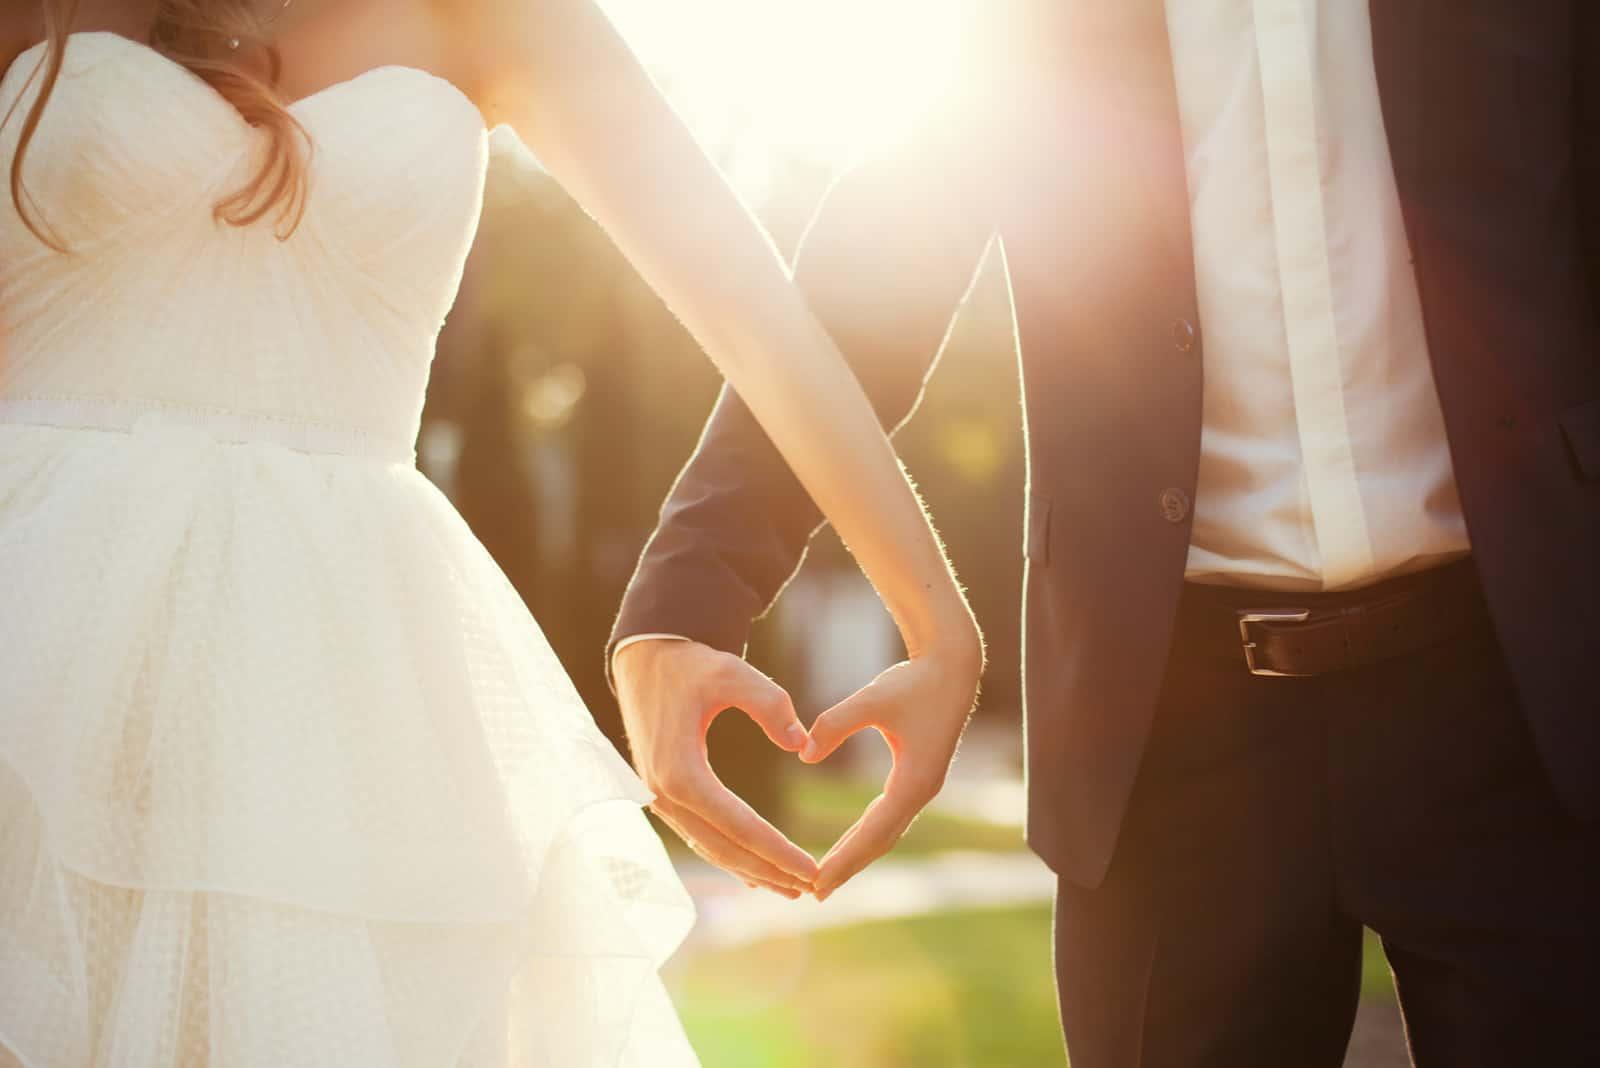 Hochzeitspaar, das Herz mit Händen bildet